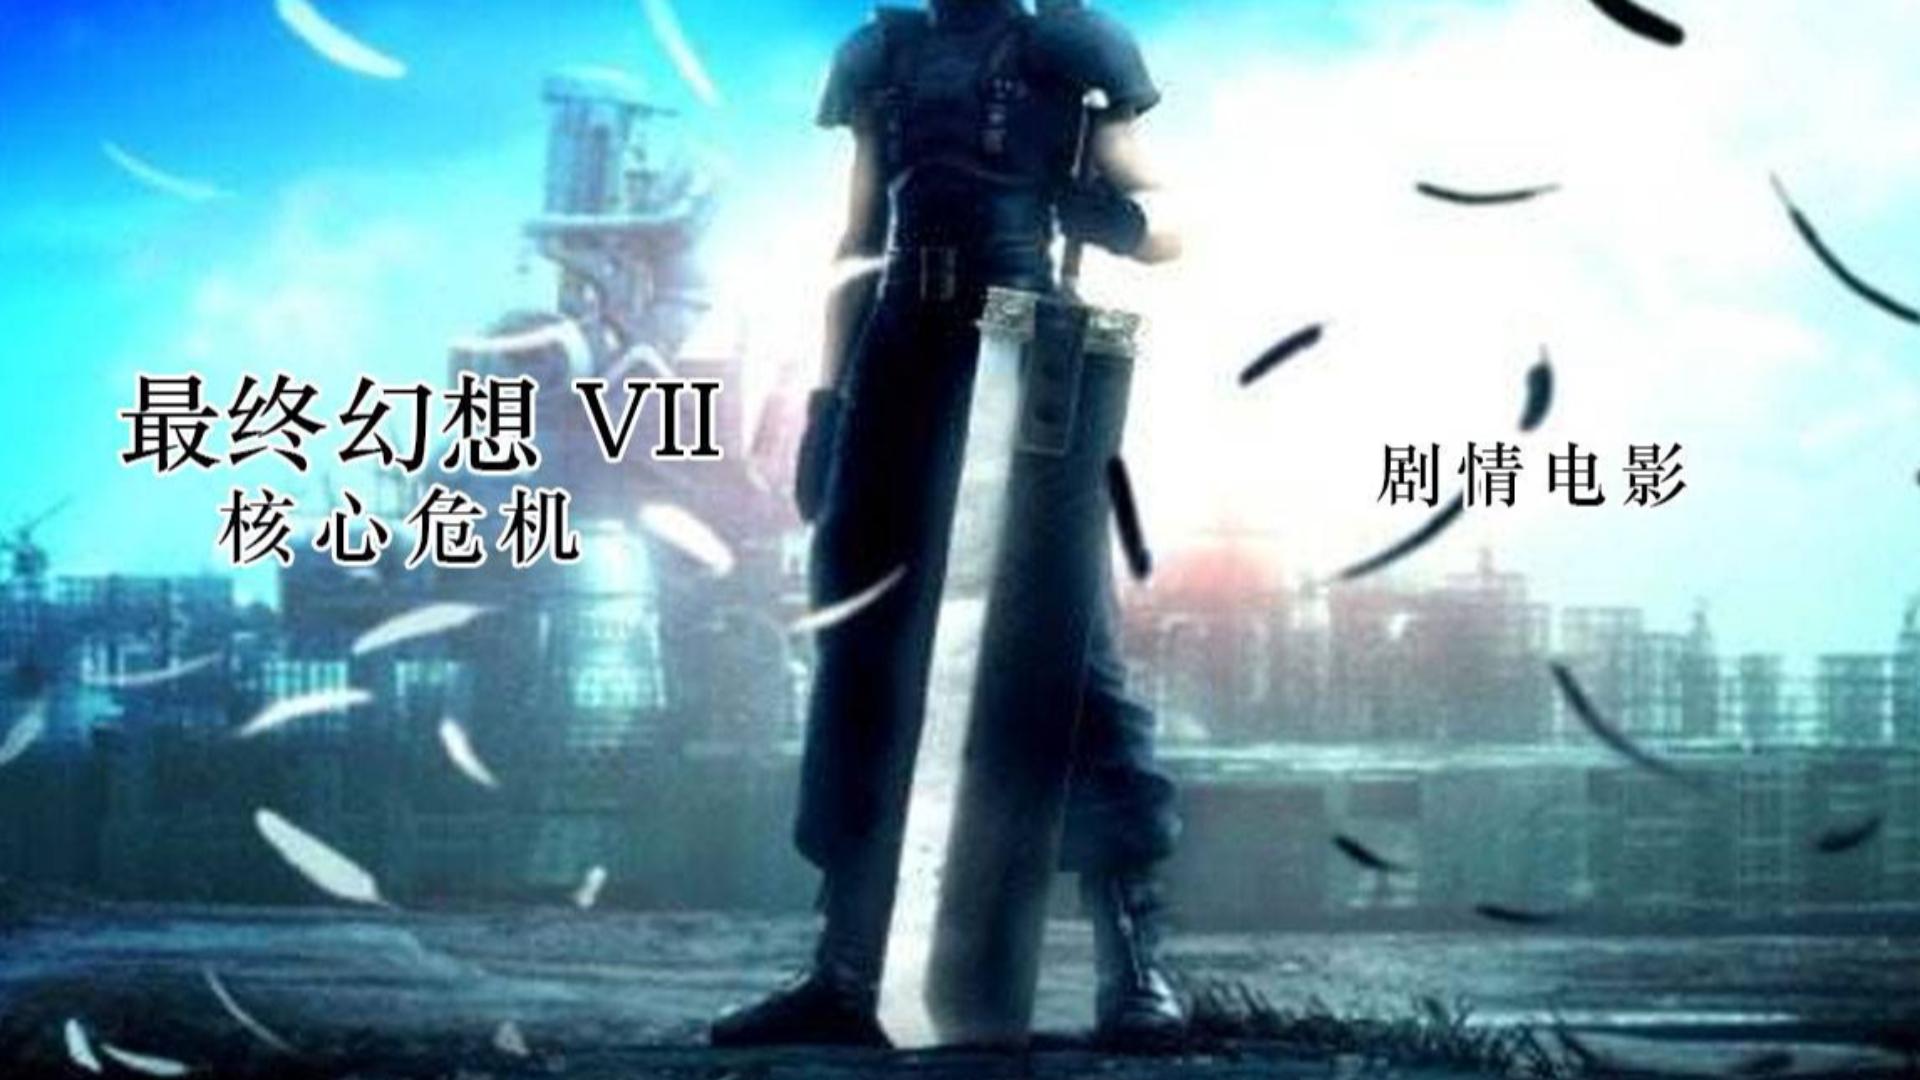 【老潘宅男窝 】最终幻想VII 核心危机 剧情电影  全集(1080p)